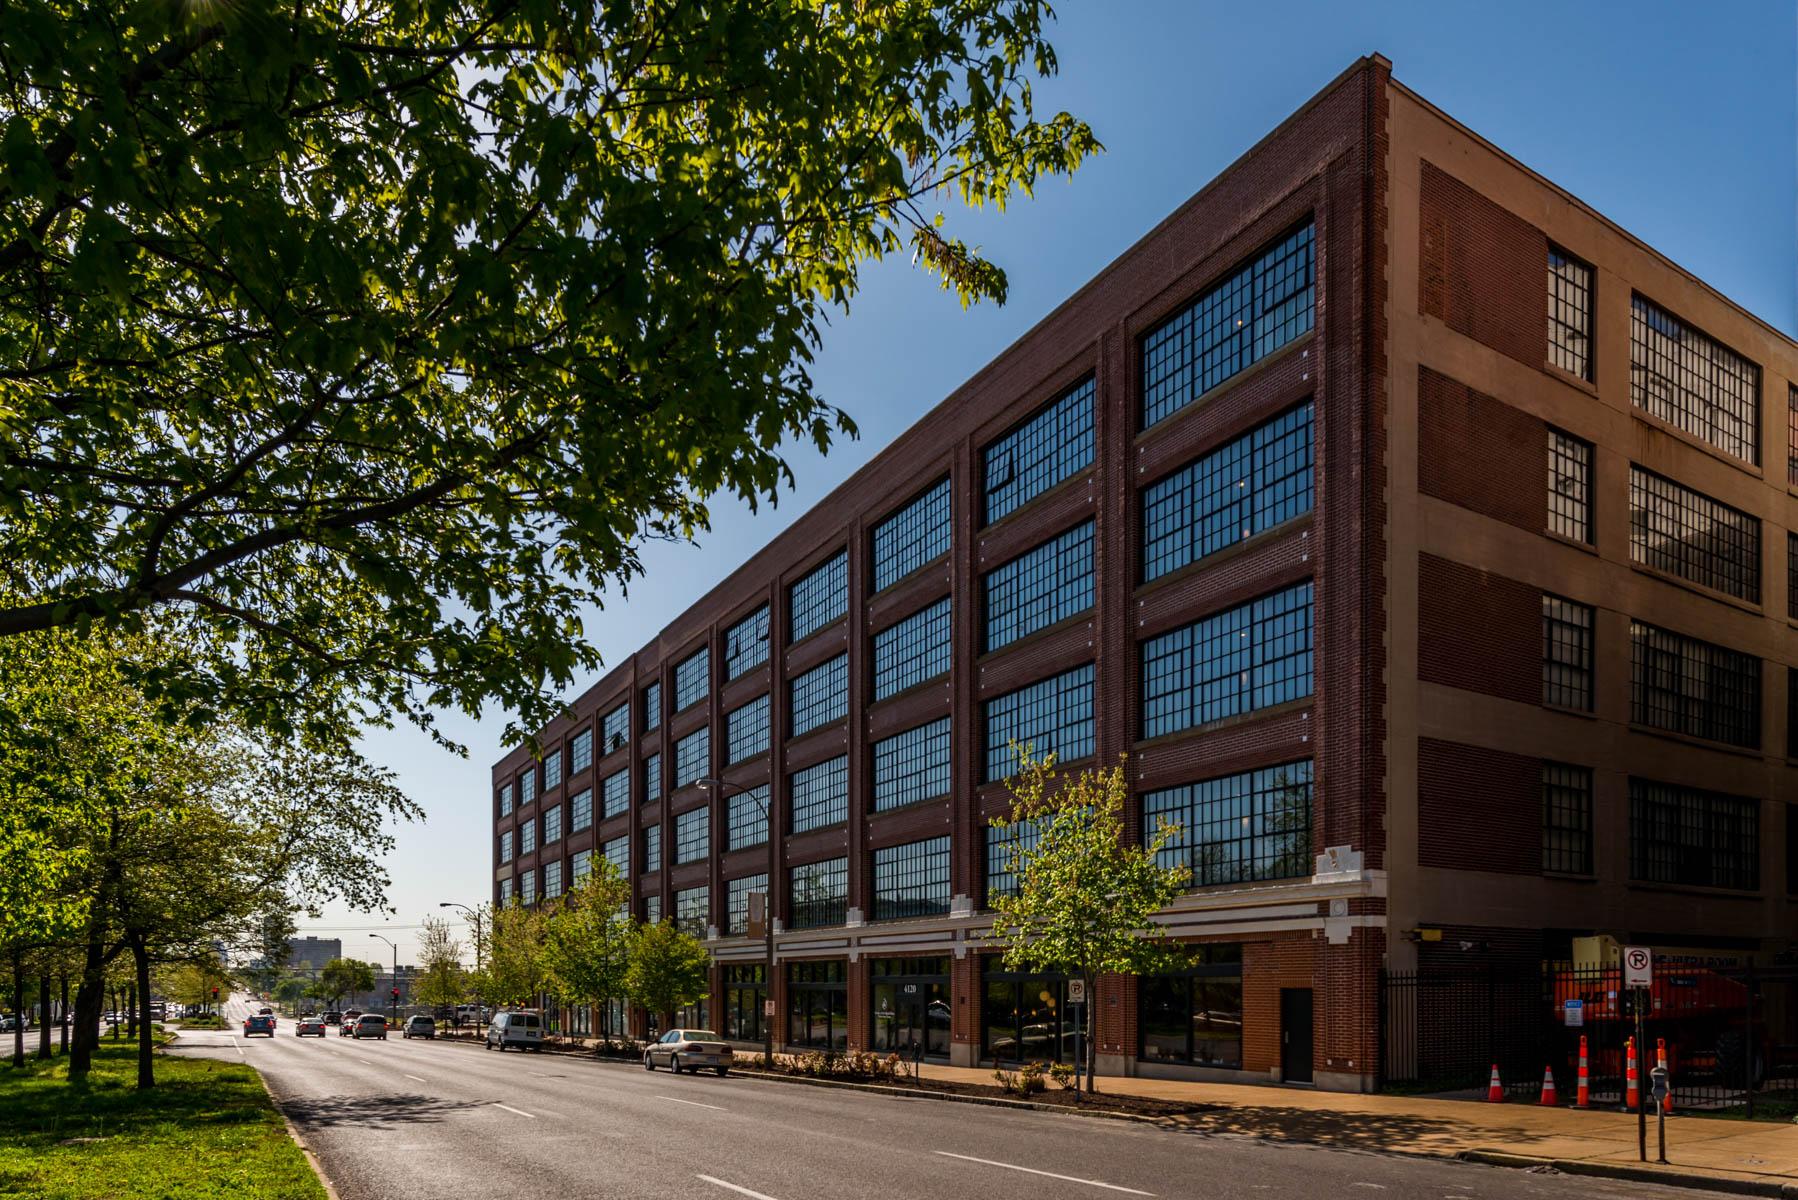 Condominium for Sale at West End Lofts 4100 Forest Park Avenue #116 St. Louis, Missouri 63108 United States